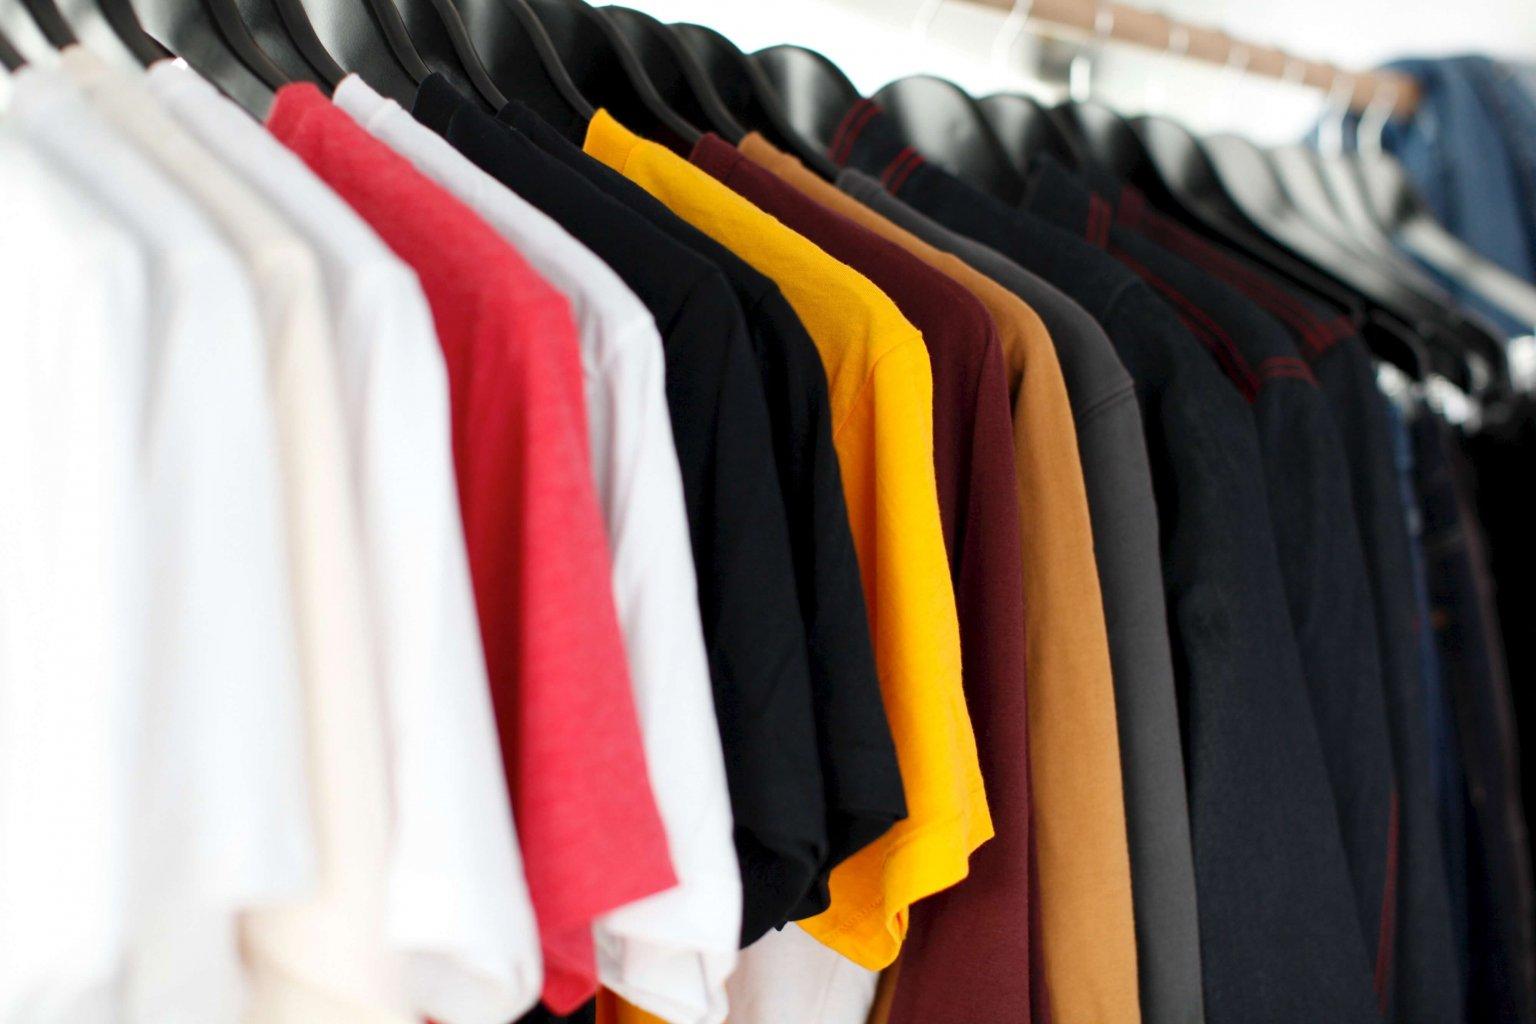 تفسير حلم شراء ملابس ودلالته المختلفة لابن سيرين